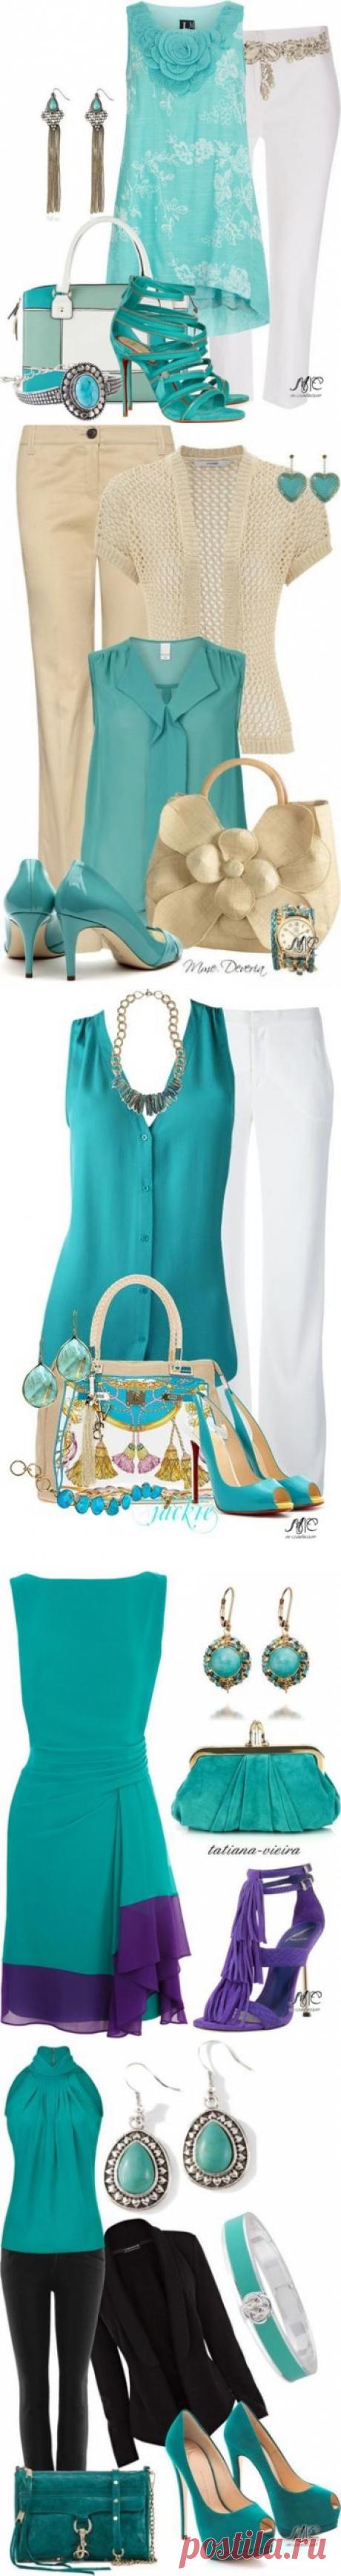 El color hermoso y romántico de azul turquí recuerda el verano y el mar.